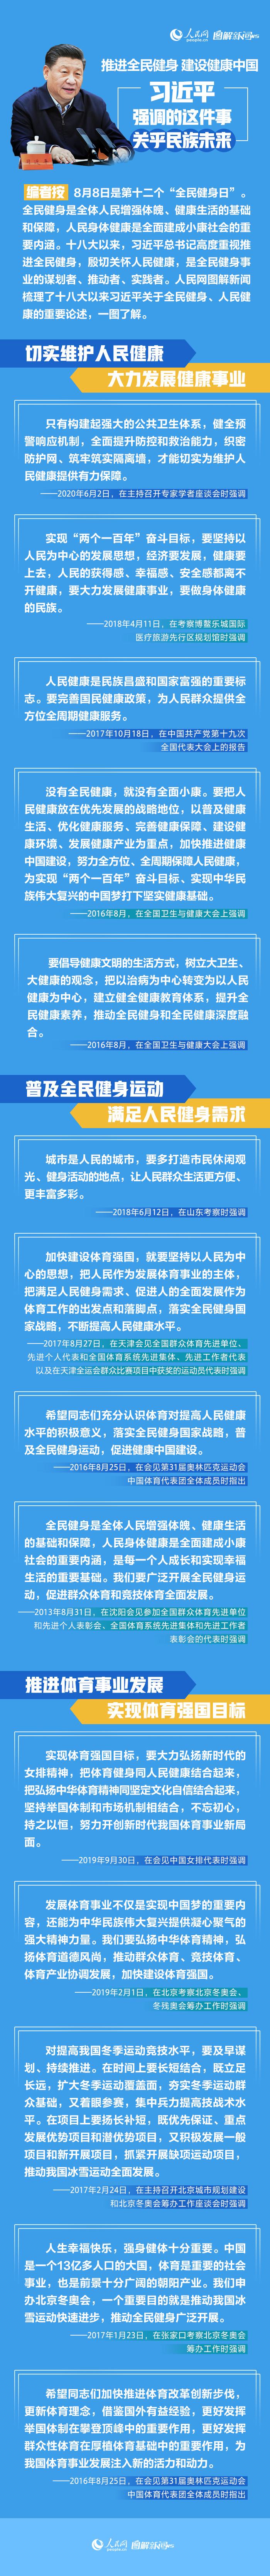 推进全民健身 建设健康中国 习近平强调的这件事关乎民族未来